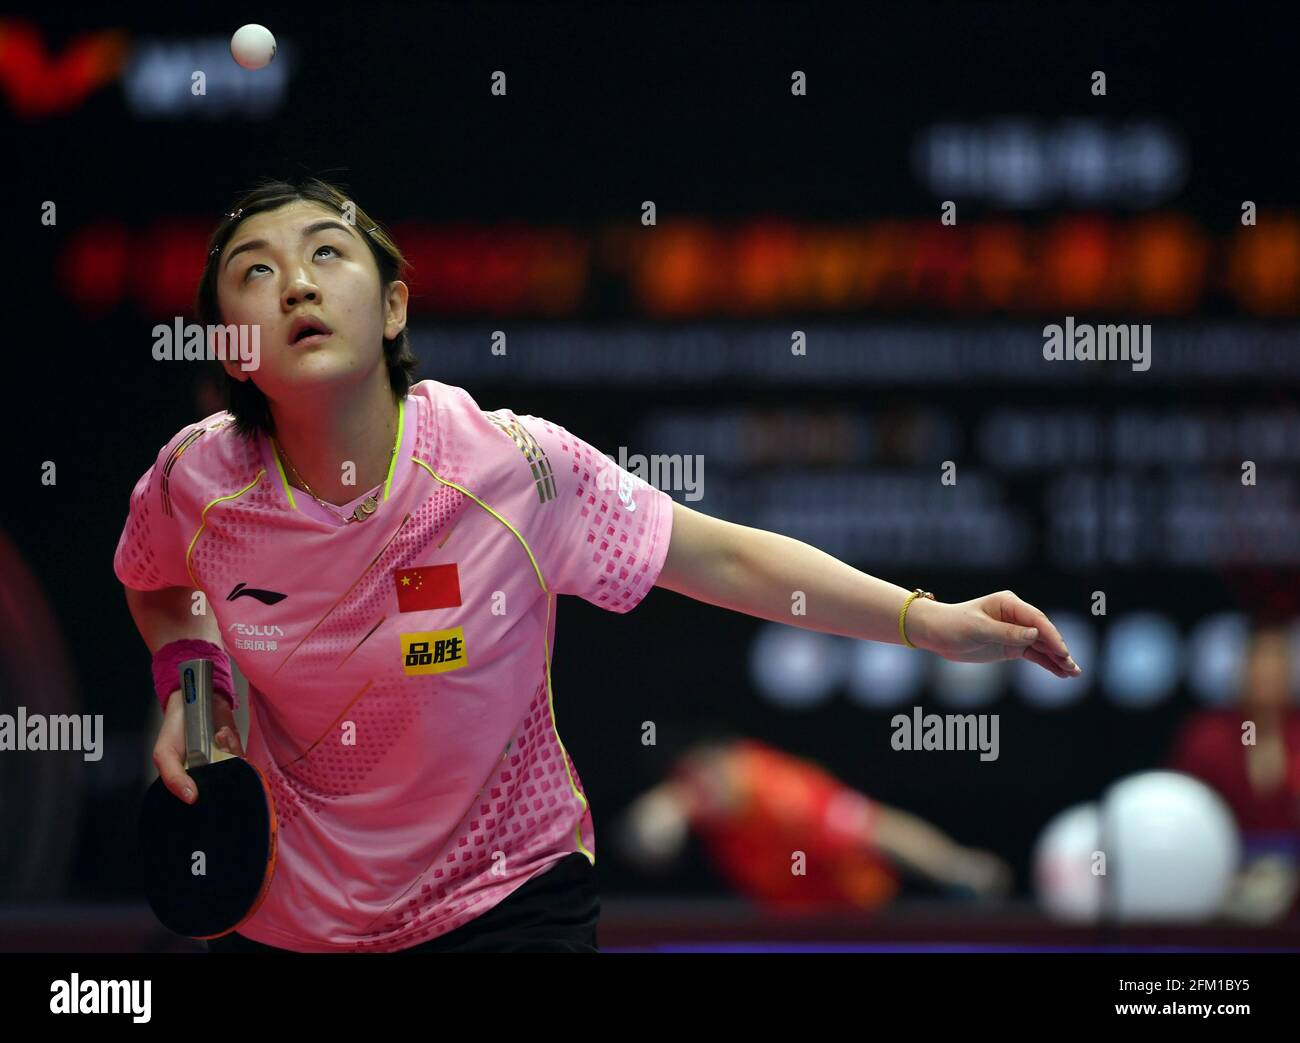 Xinxiang, province chinoise du Henan. 5 mai 2021. Chen Meng sert le ballon lors de la quart-finale des femmes célibataires contre Liu FEI lors des essais de Grand smashes de WTT (World Table tennis) 2021 et de la simulation olympique à Xinxiang, dans la province de Henan, dans le centre de la Chine, le 5 mai 2021. Credit: Li Jianan/Xinhua/Alamy Live News Banque D'Images